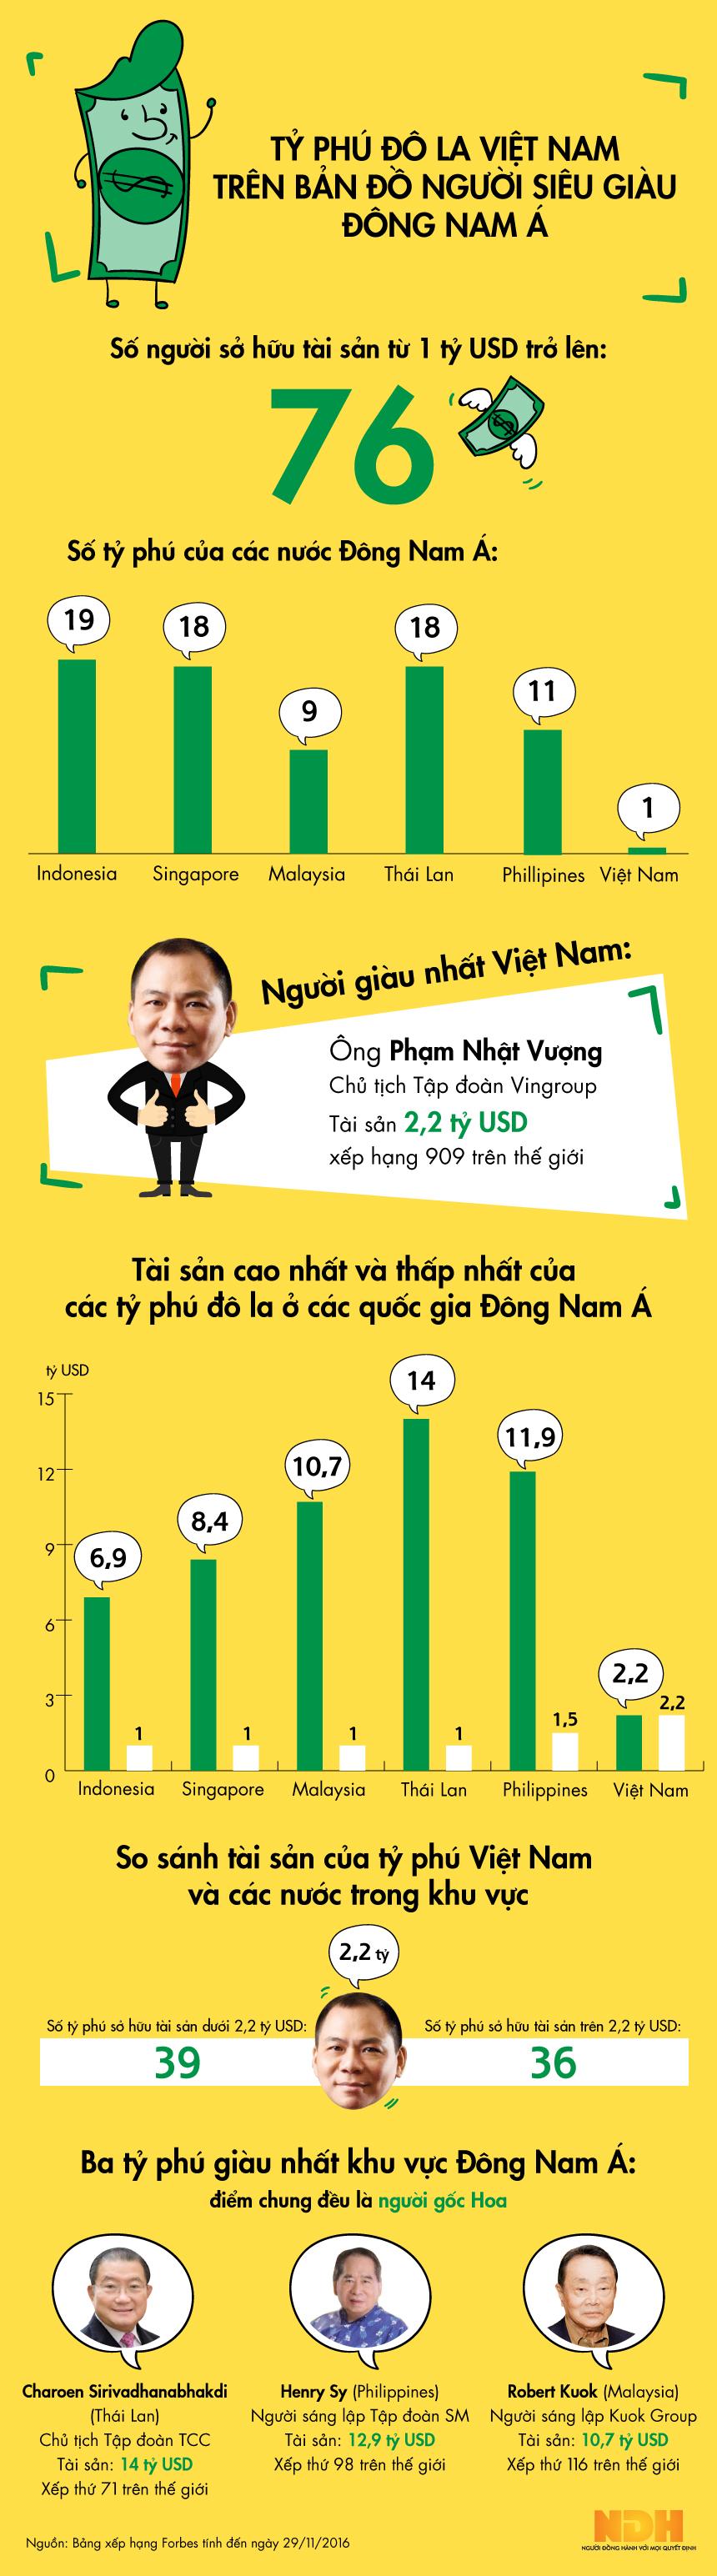 [Infographic] Tỷ phú đô la Việt Nam trên bản đồ người siêu giàu Đông Nam Á - Ảnh 1.